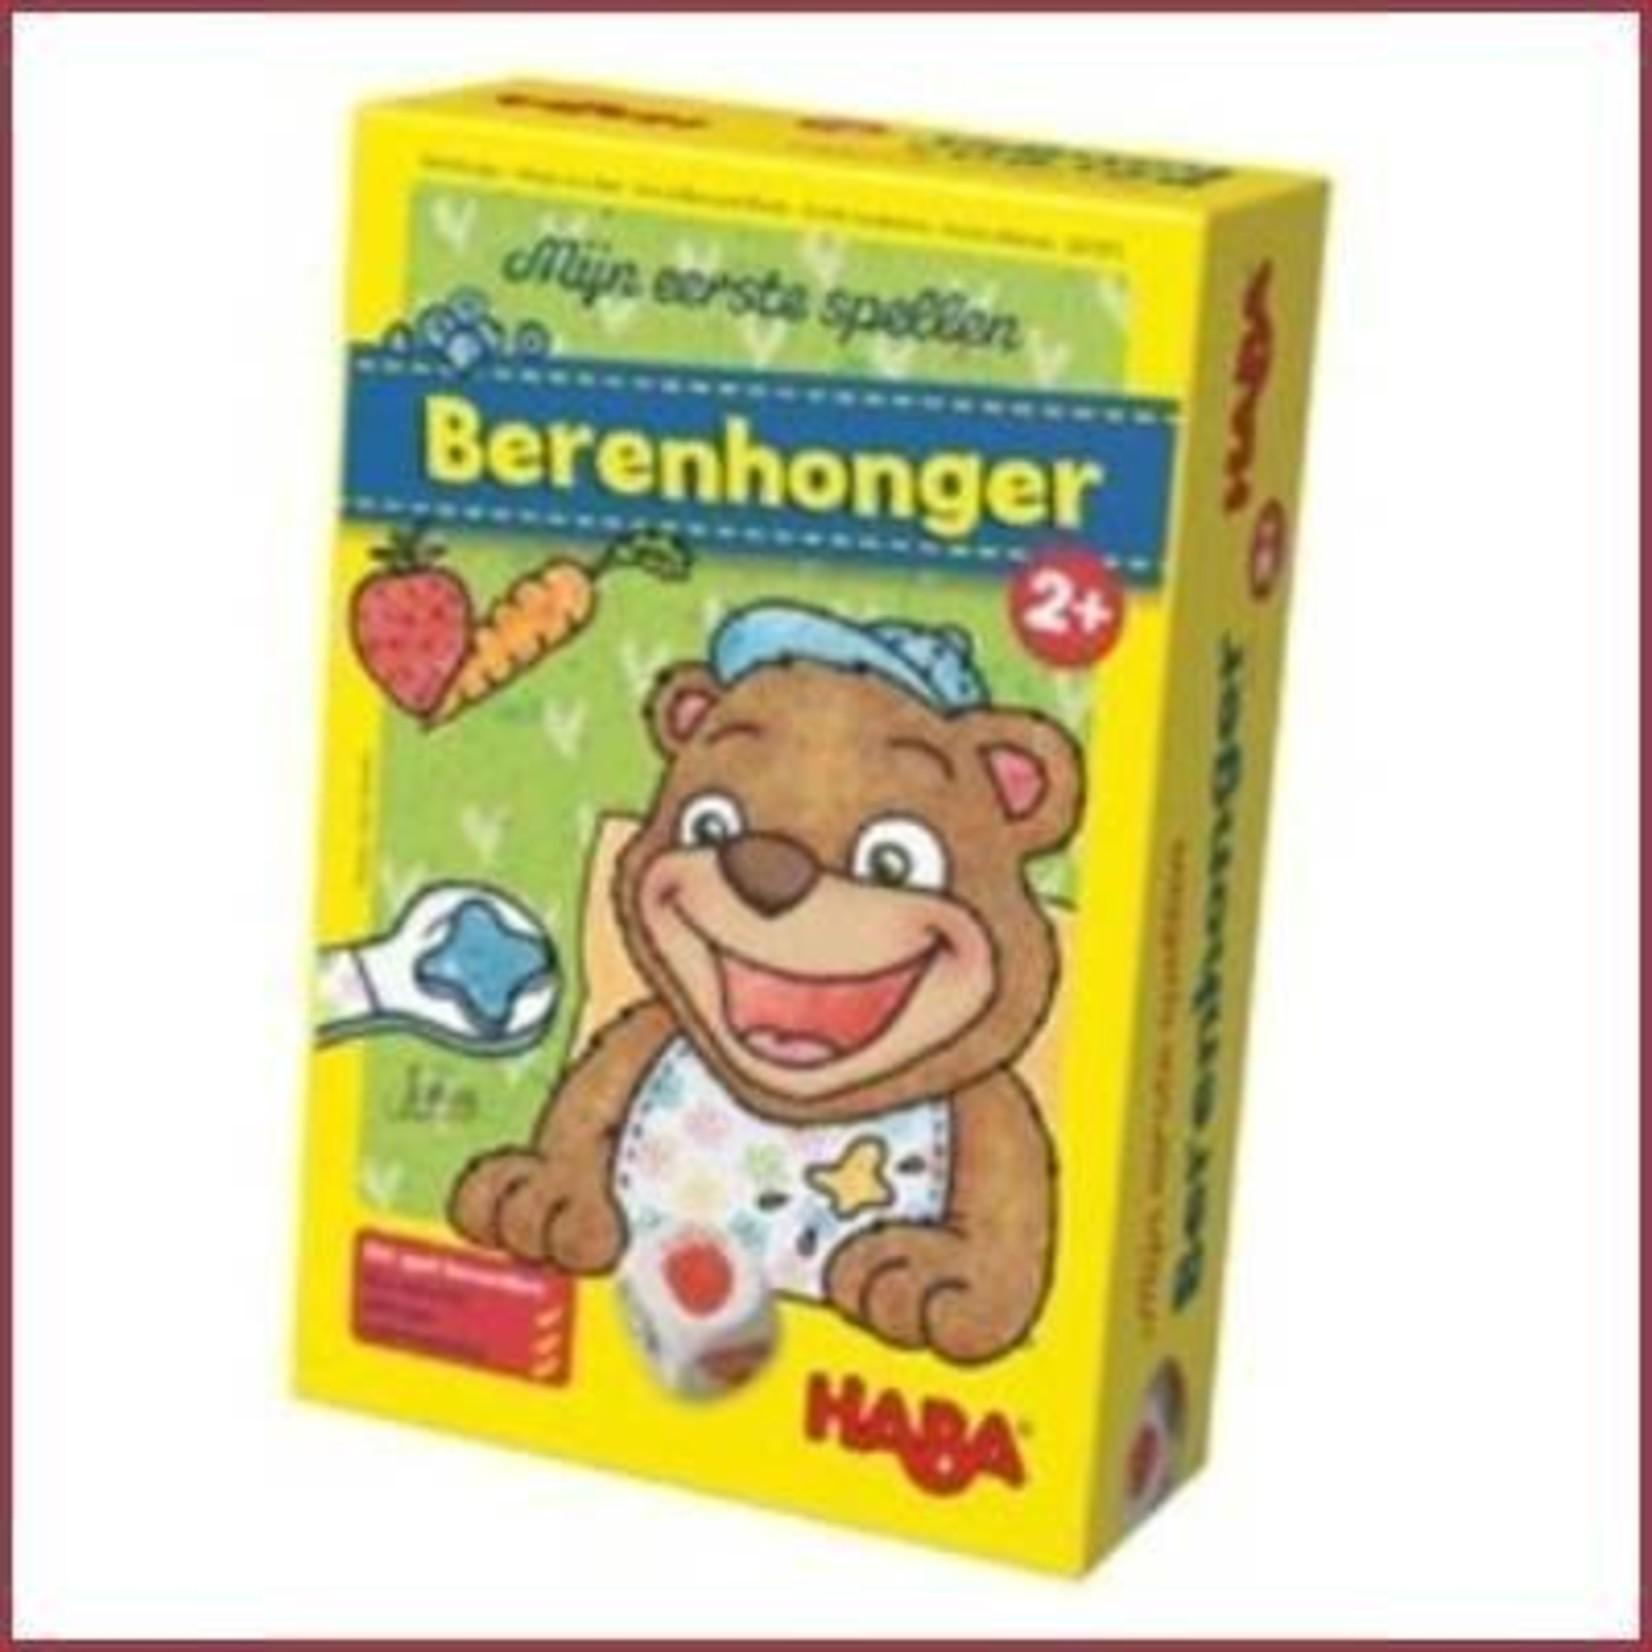 Haba Mijn eerste spel - Berenhonger